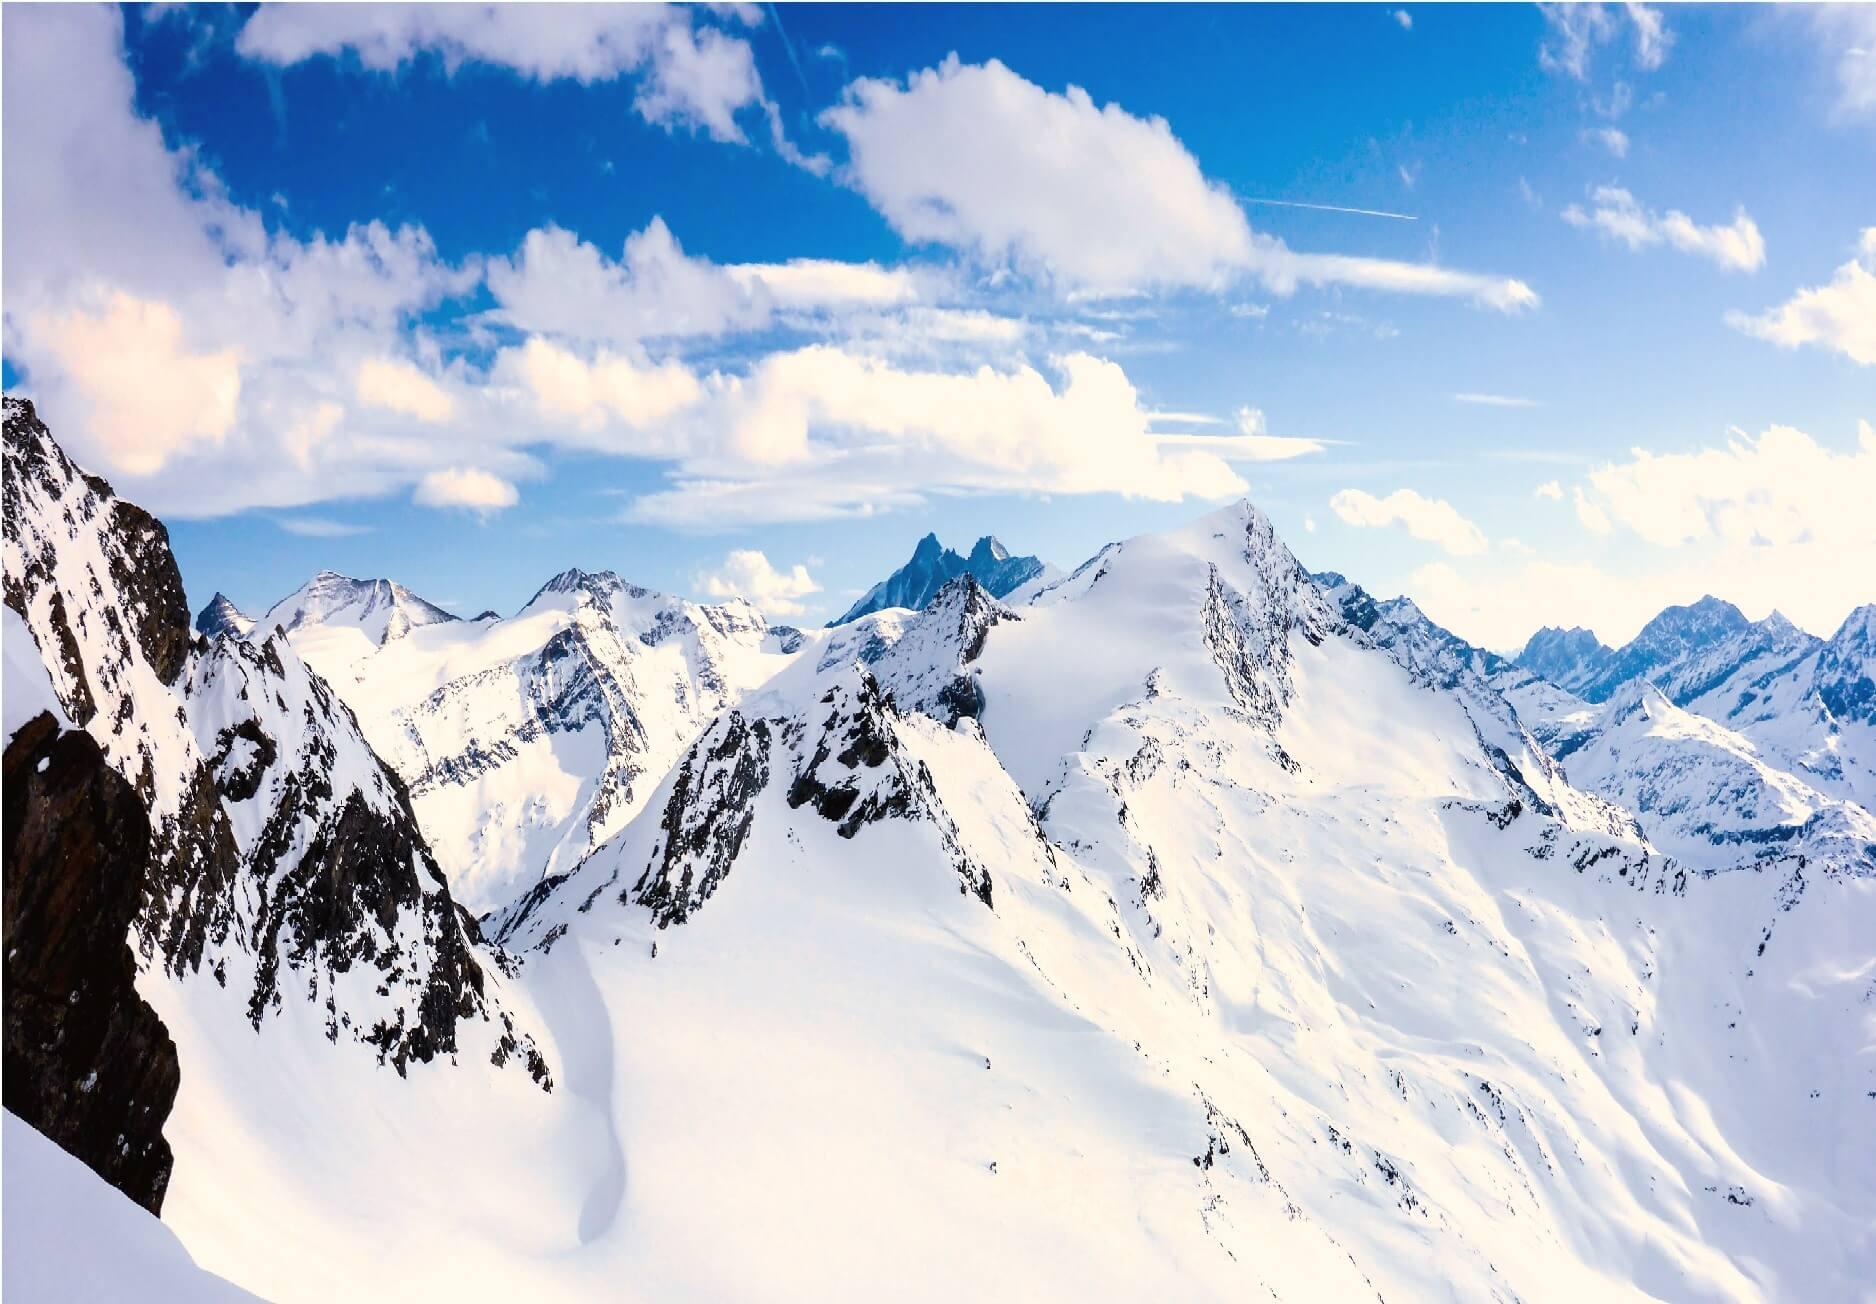 Niveles Excepcionalmente Altos De Hielo Y Nieve Se